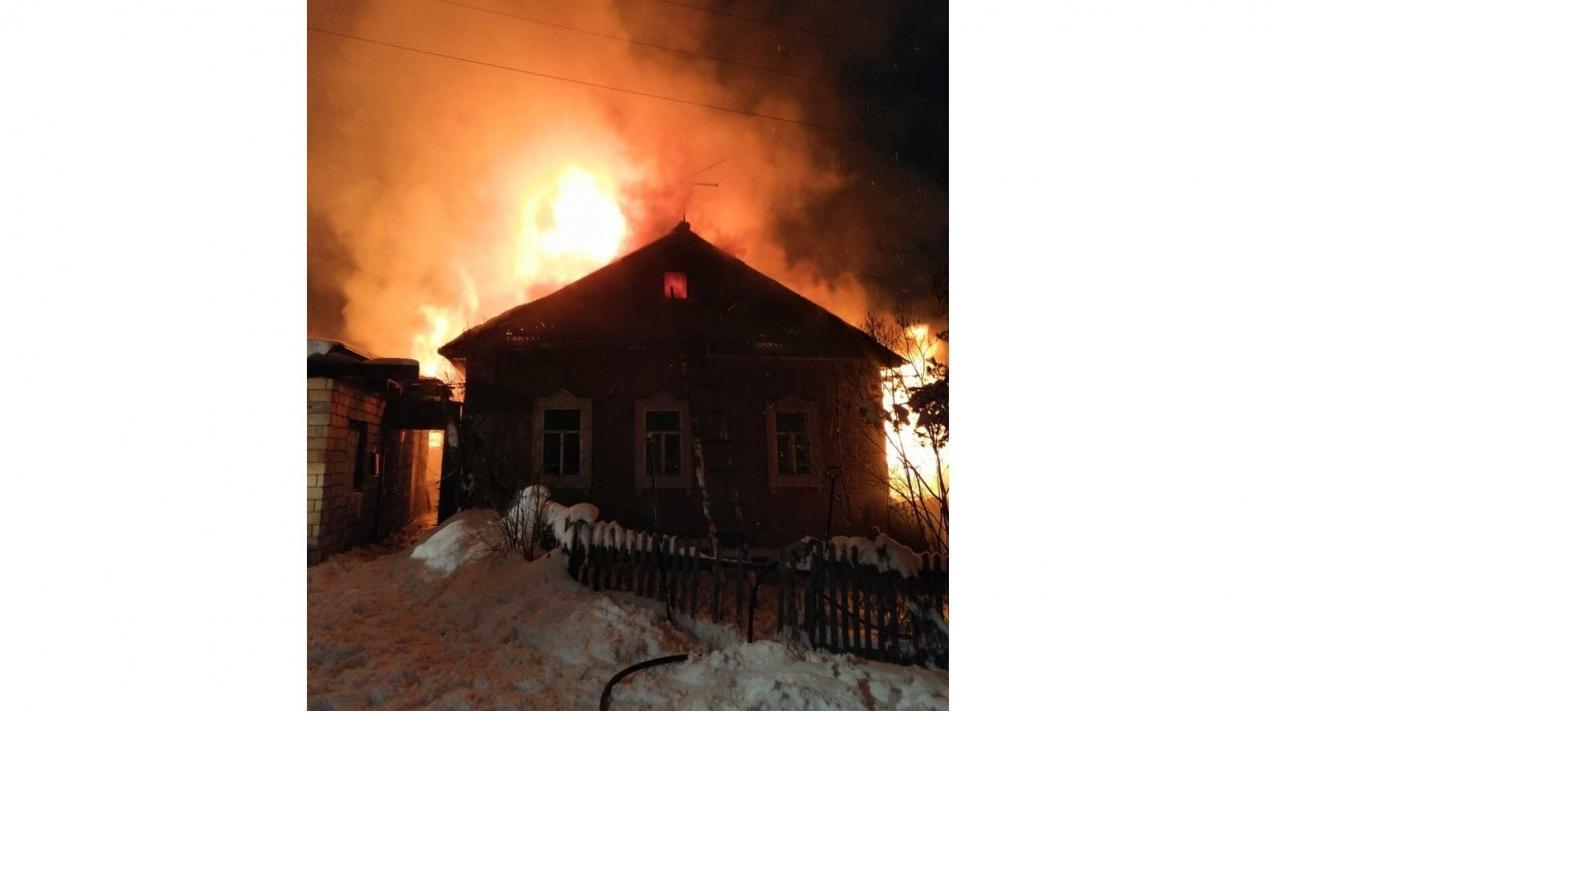 В Кирово-Чепецке сгорел жилой дом: на месте нашли тела двух человек